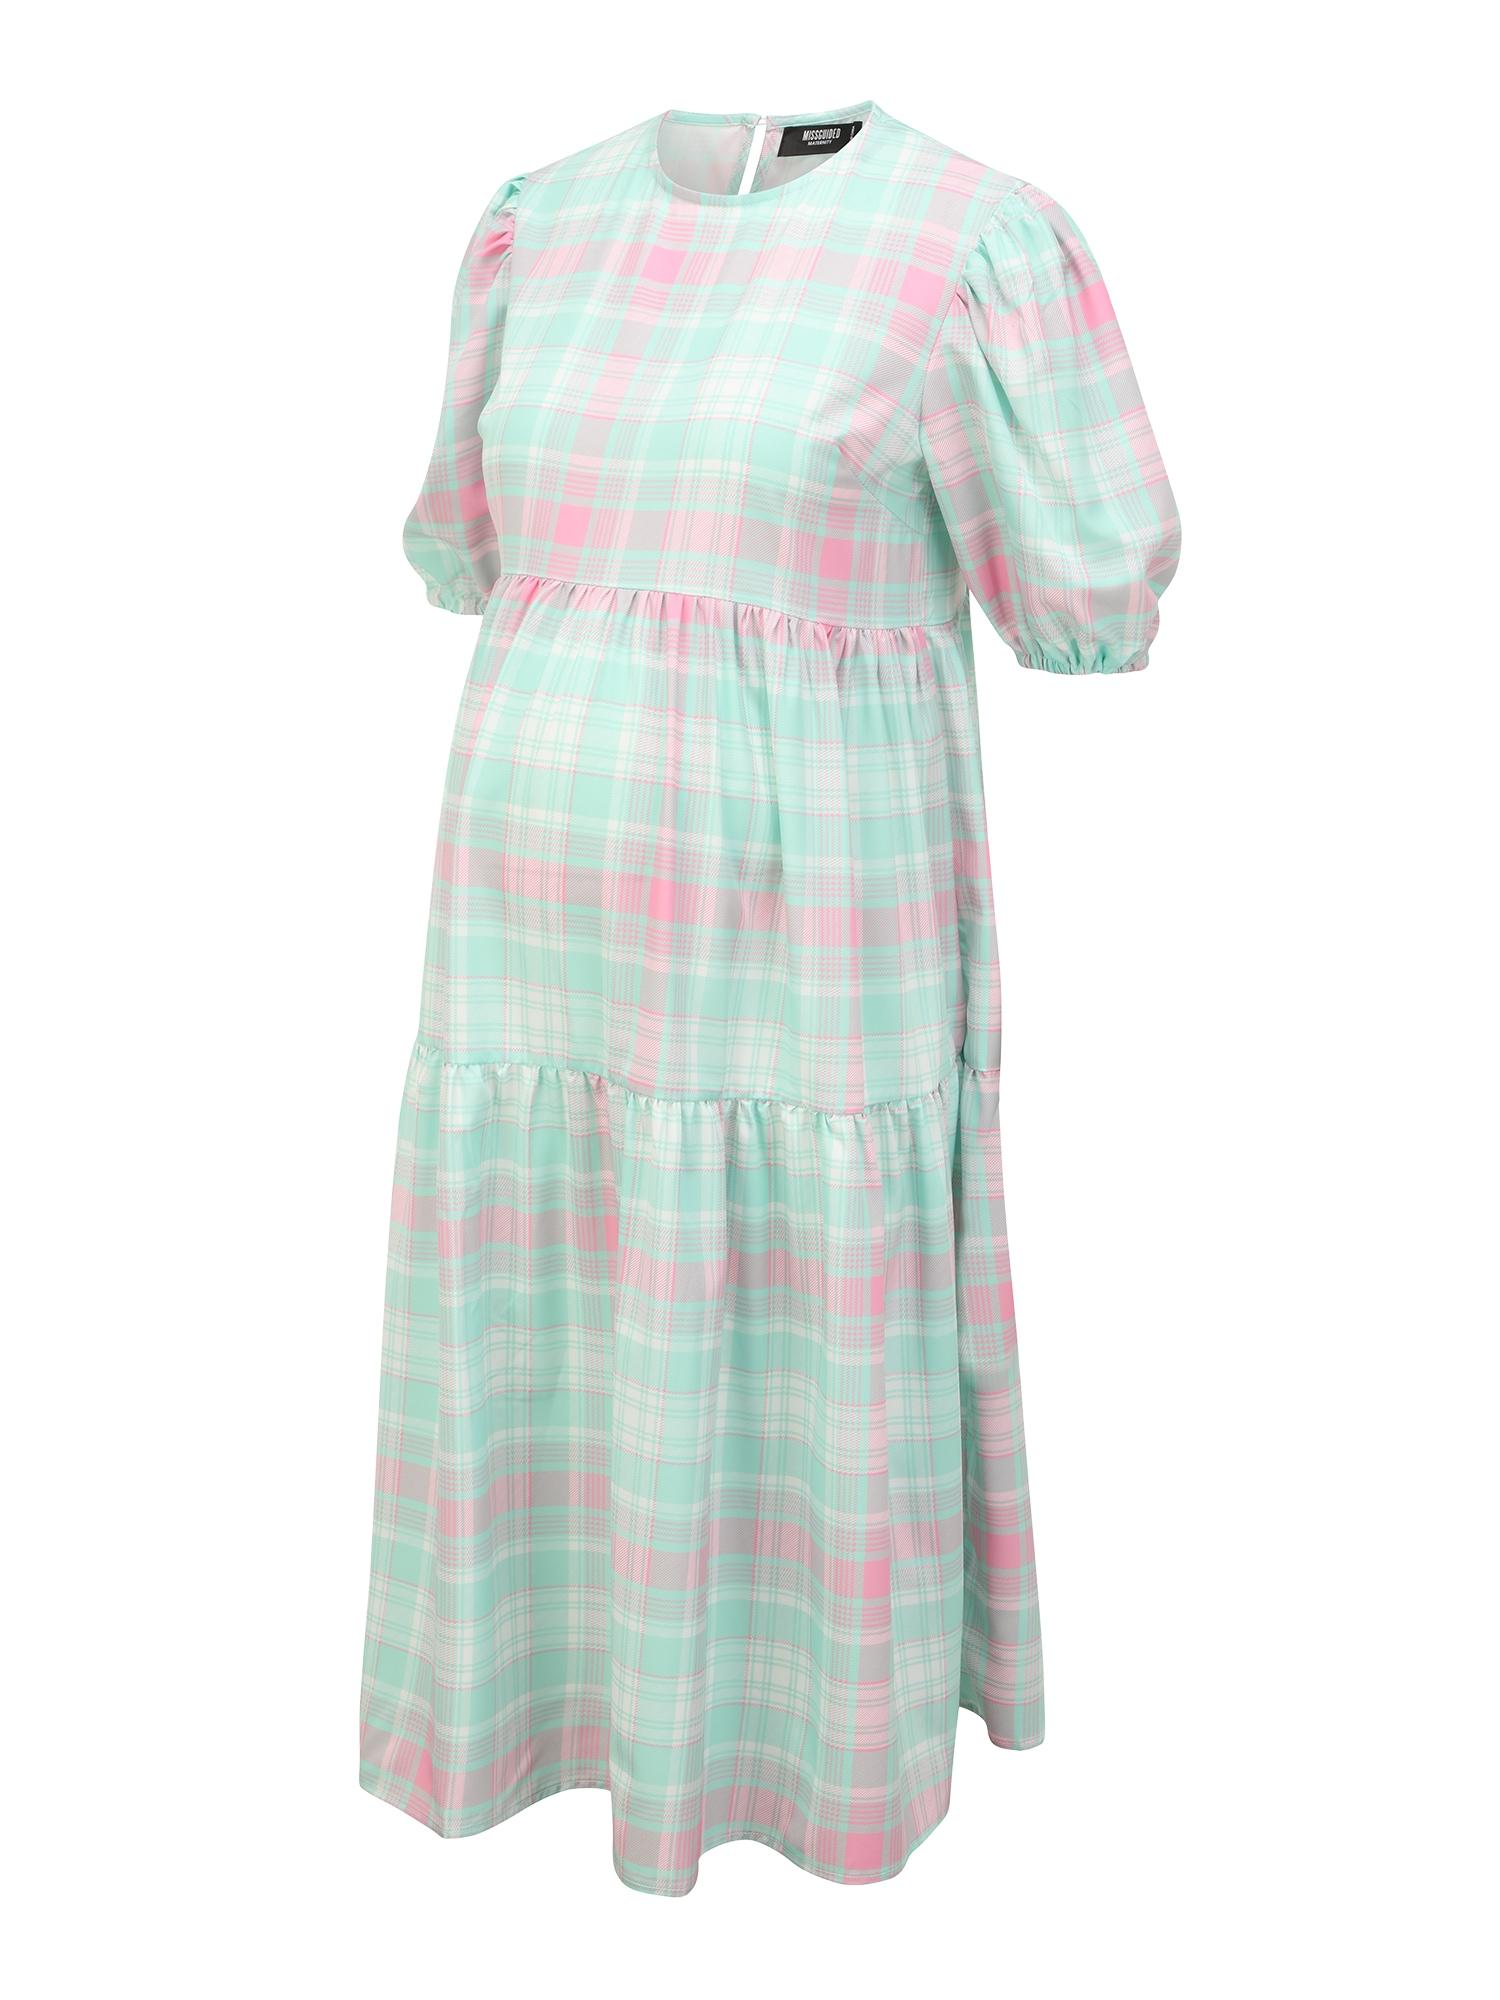 Missguided Maternity Suknelė nefrito spalva / šviesiai rožinė / balta